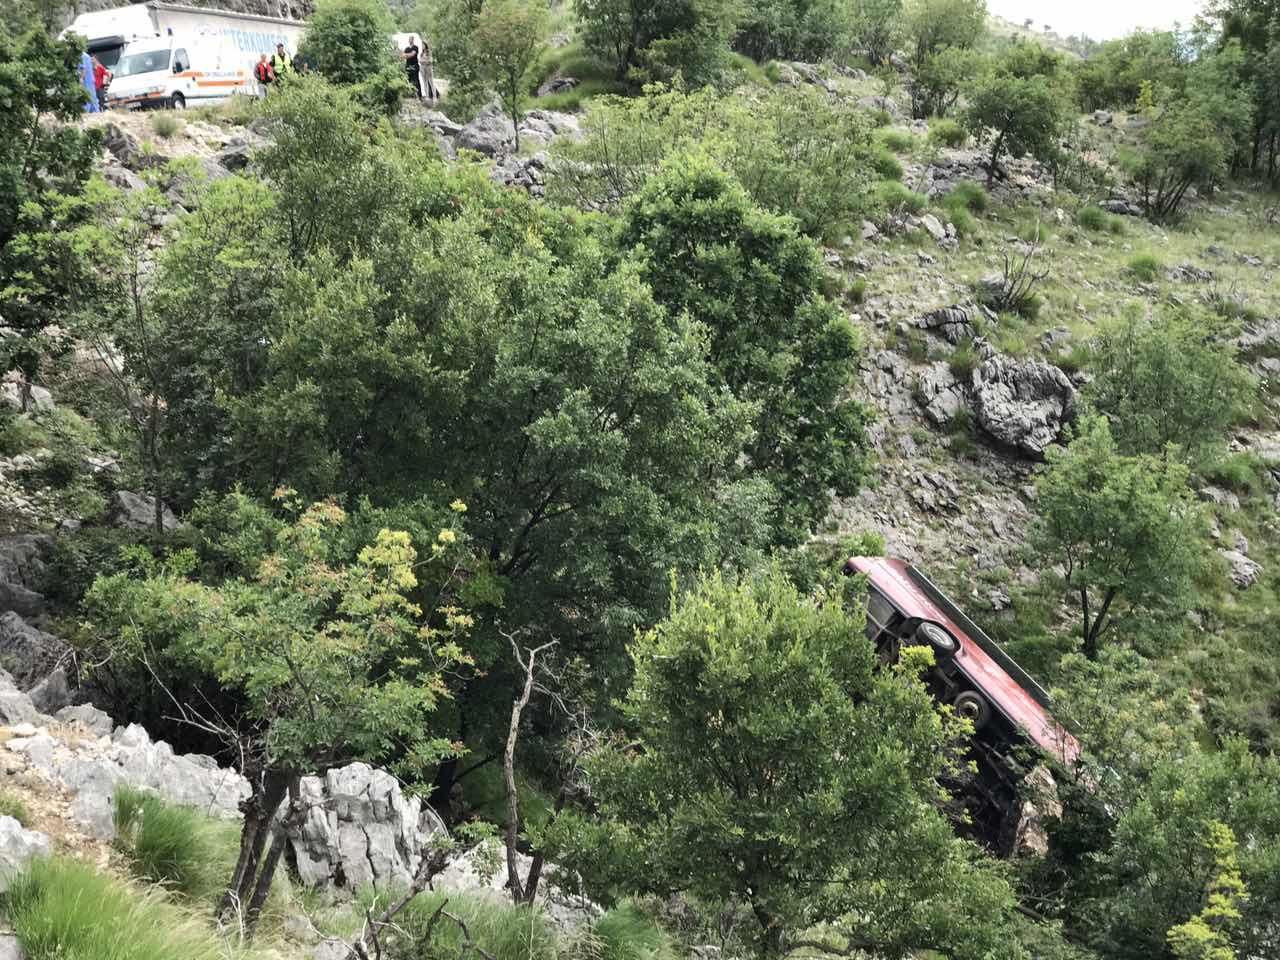 Pogledajte snimke sa mjesta nesreće: Autobus sletio s puta nakon sudara